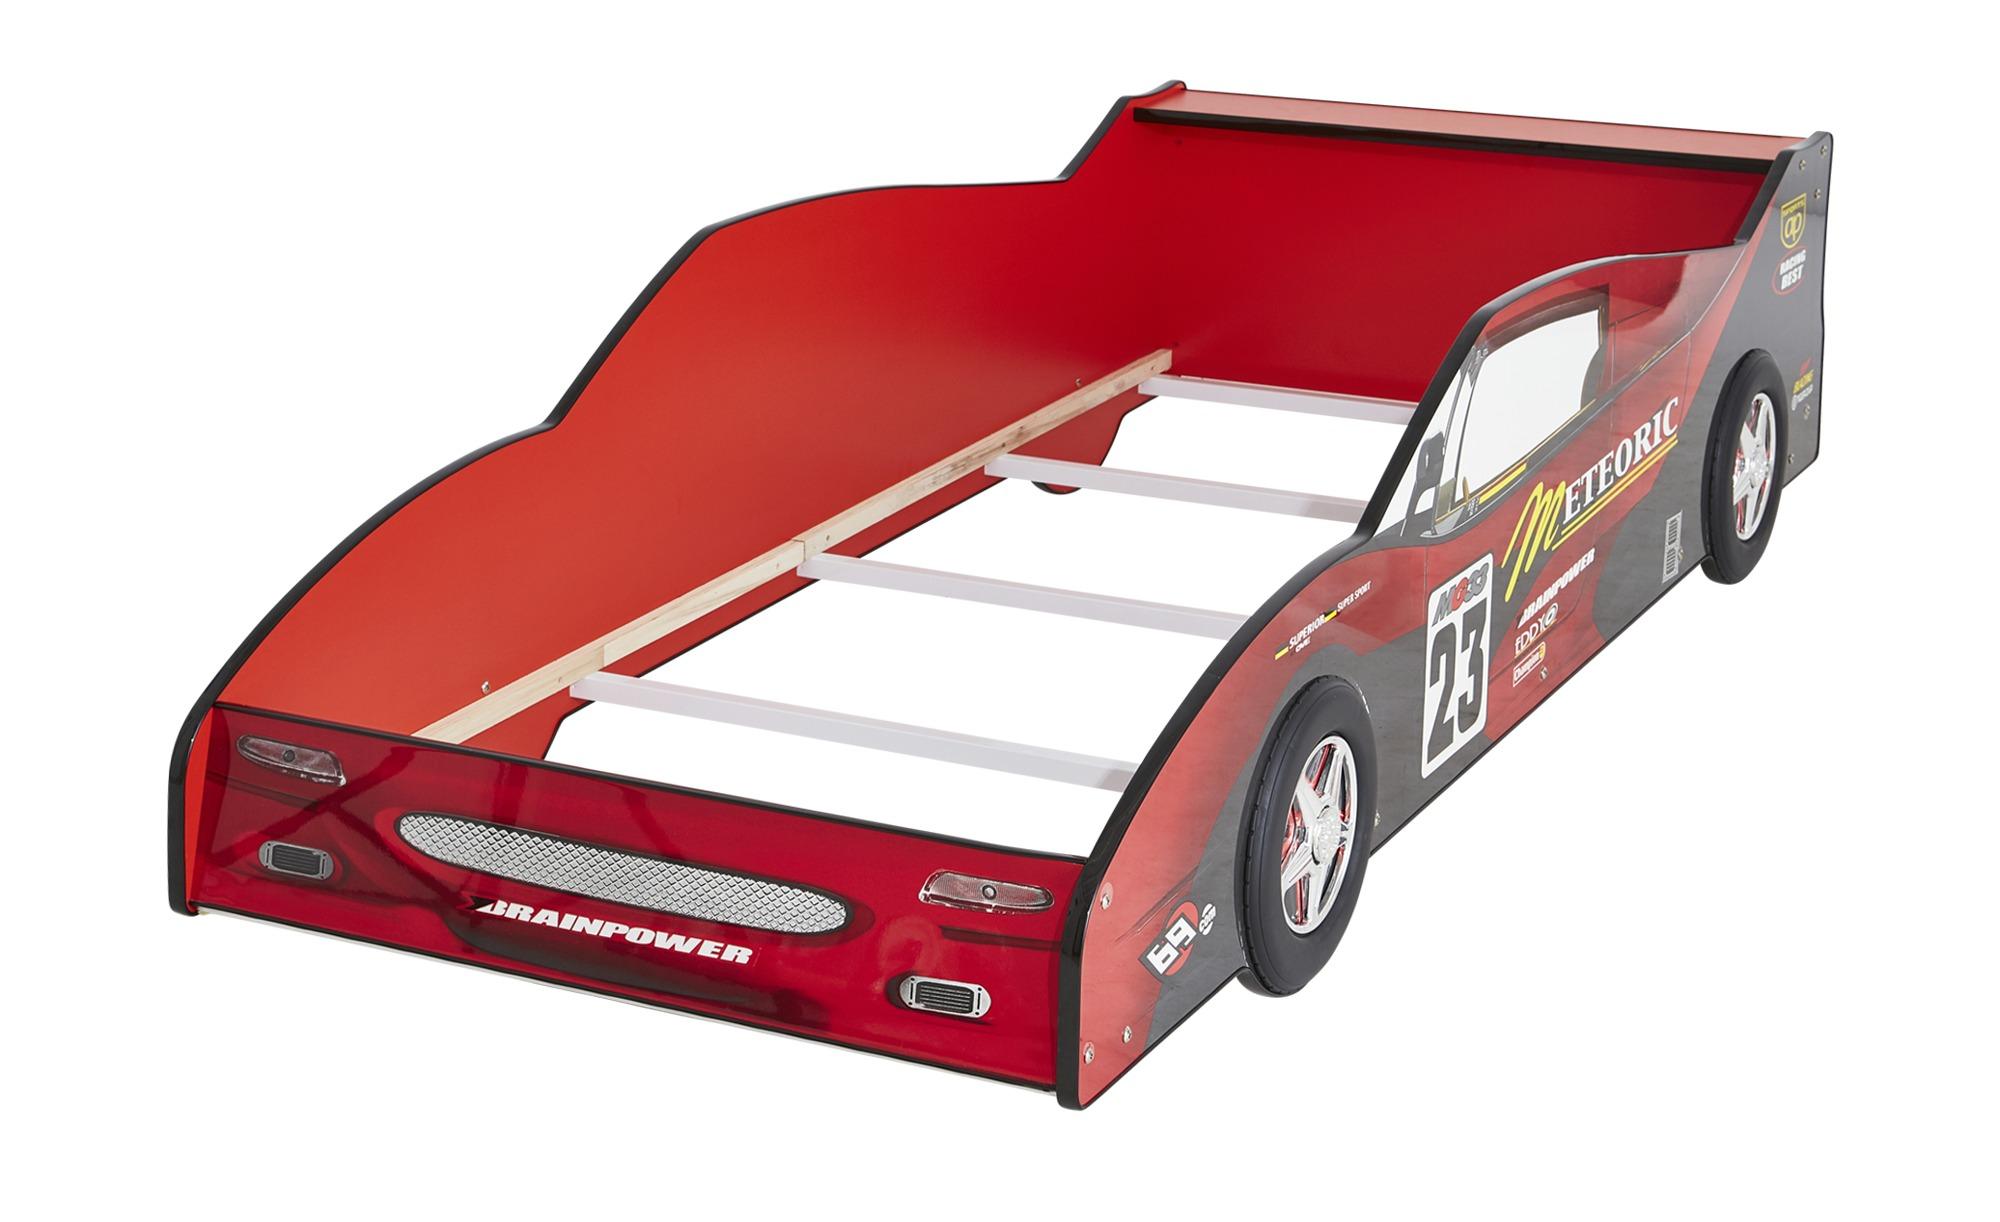 Etagenbett Autobett : Autobettgestell sconto der möbelmarkt